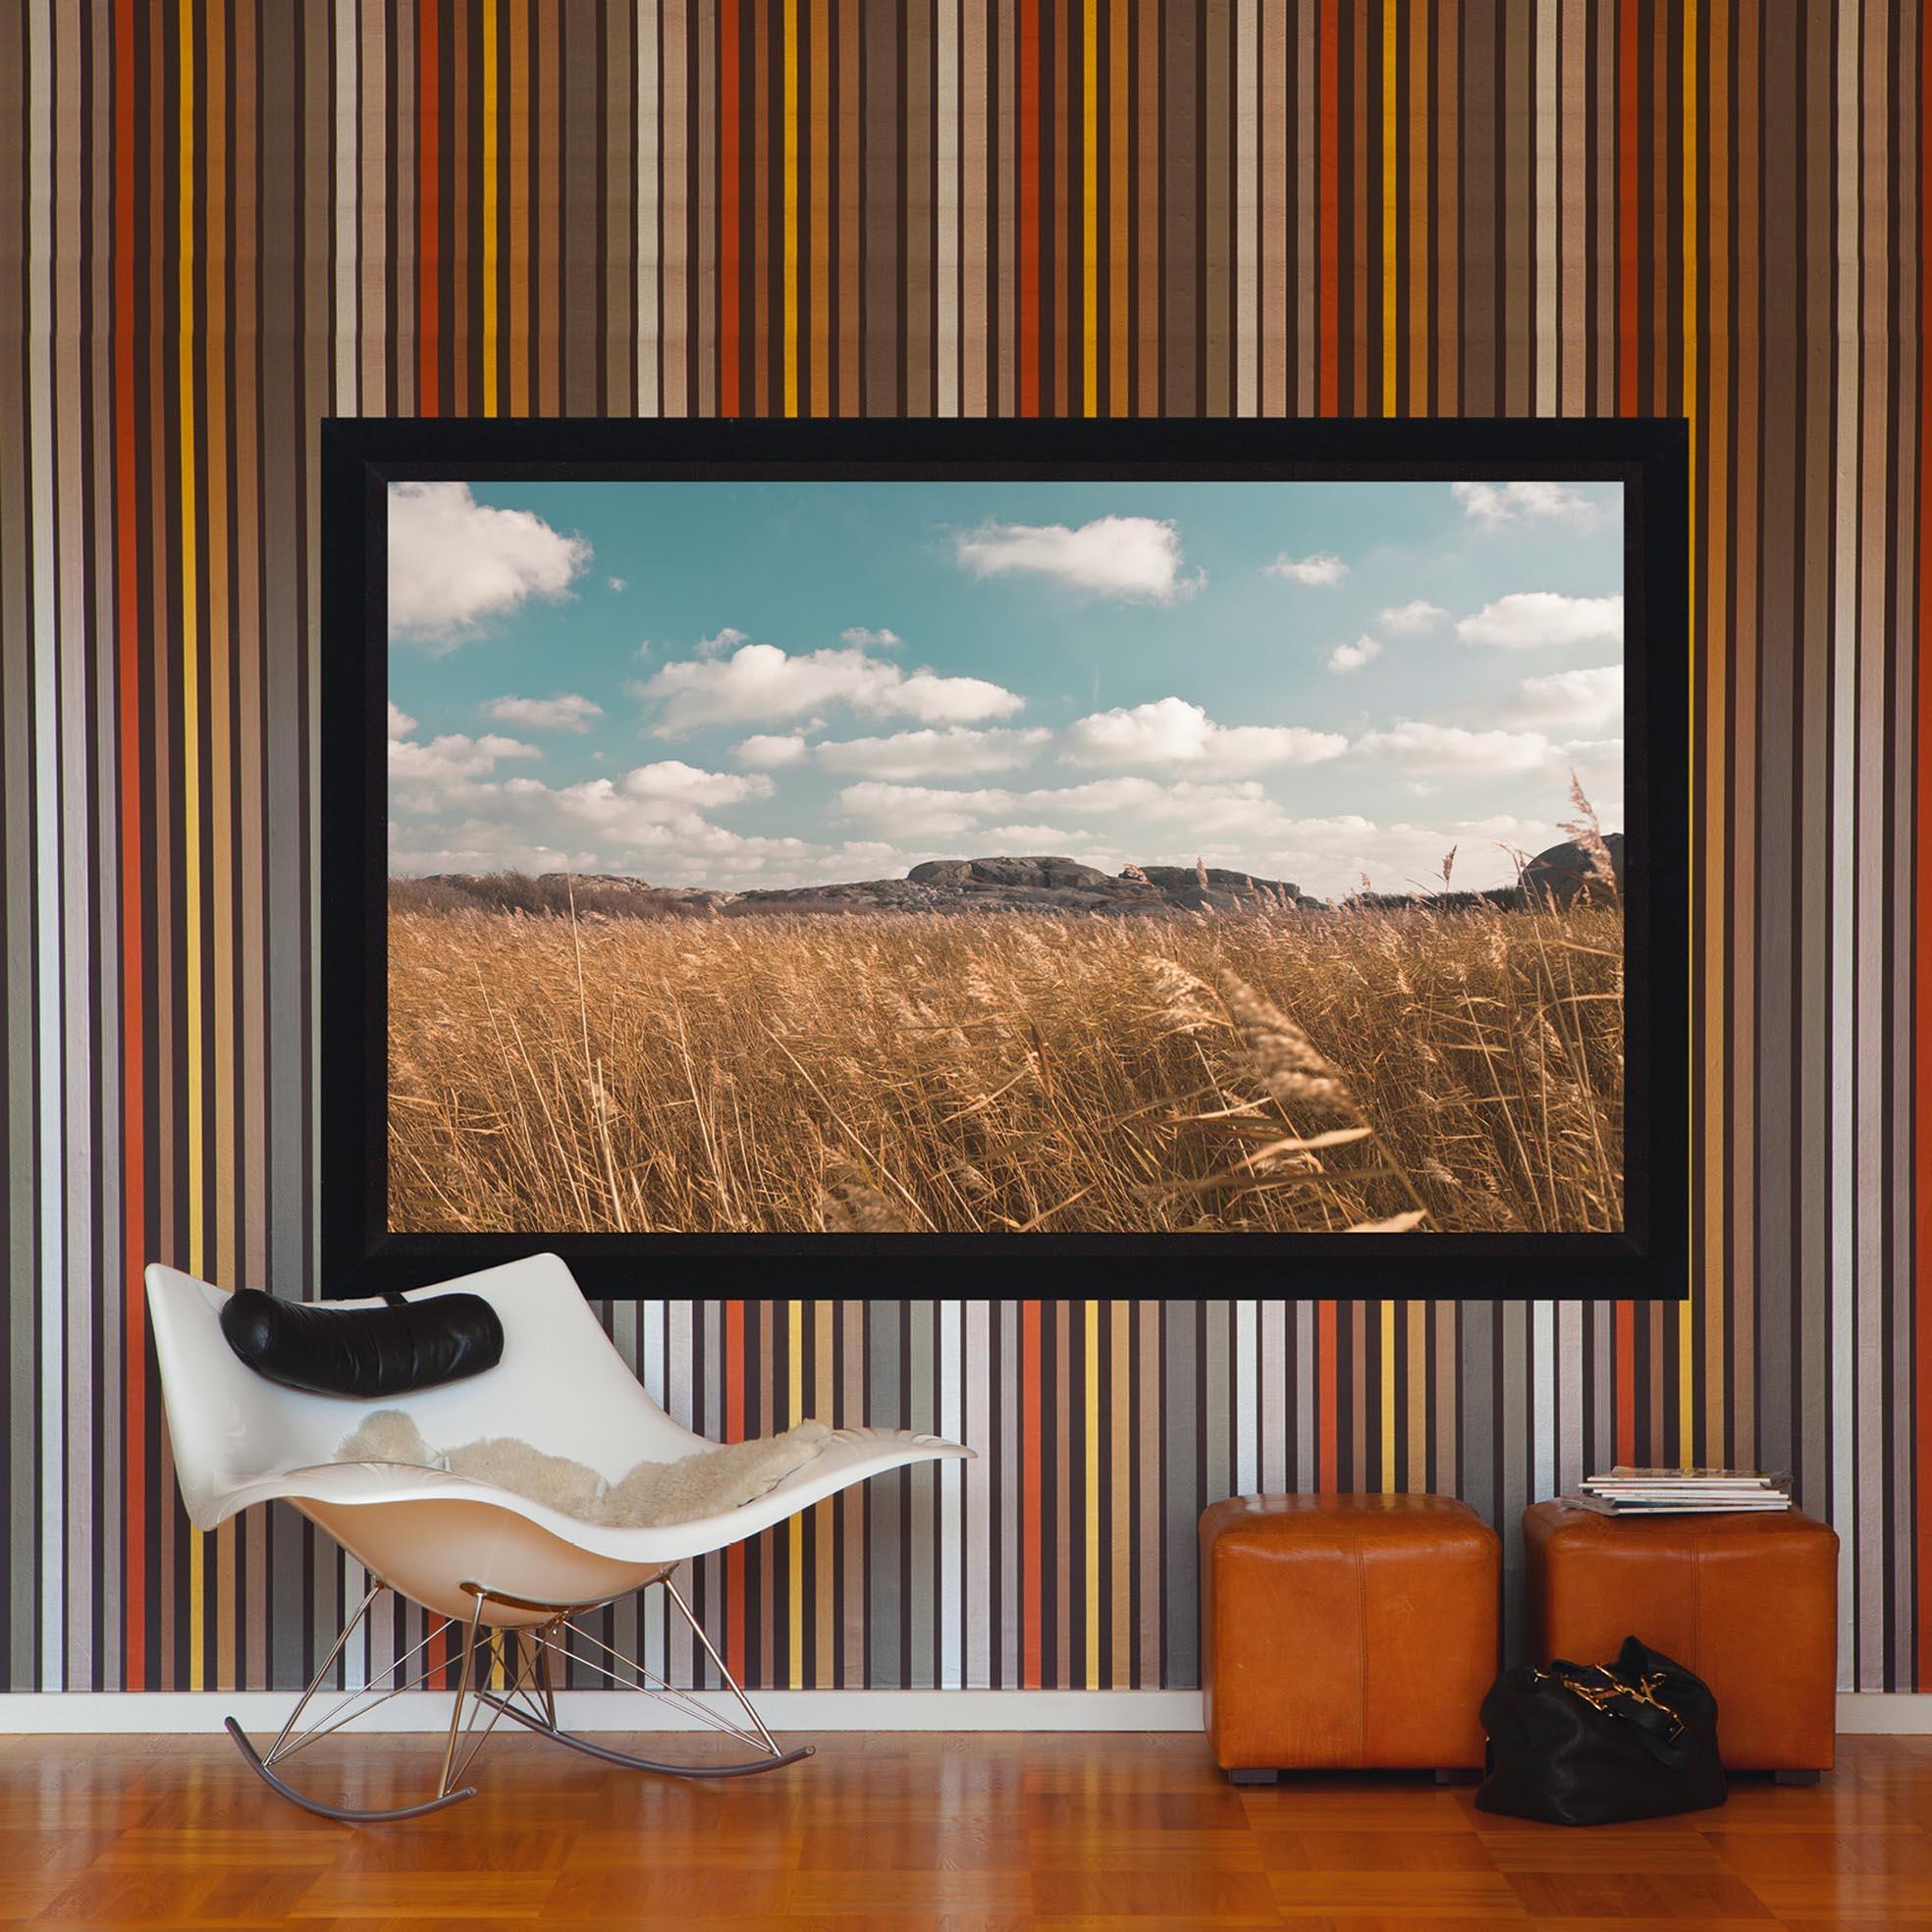 Ramspänd projektorduk för Short Throw projektorer, härlig miljöbild, från Kingpin Screens